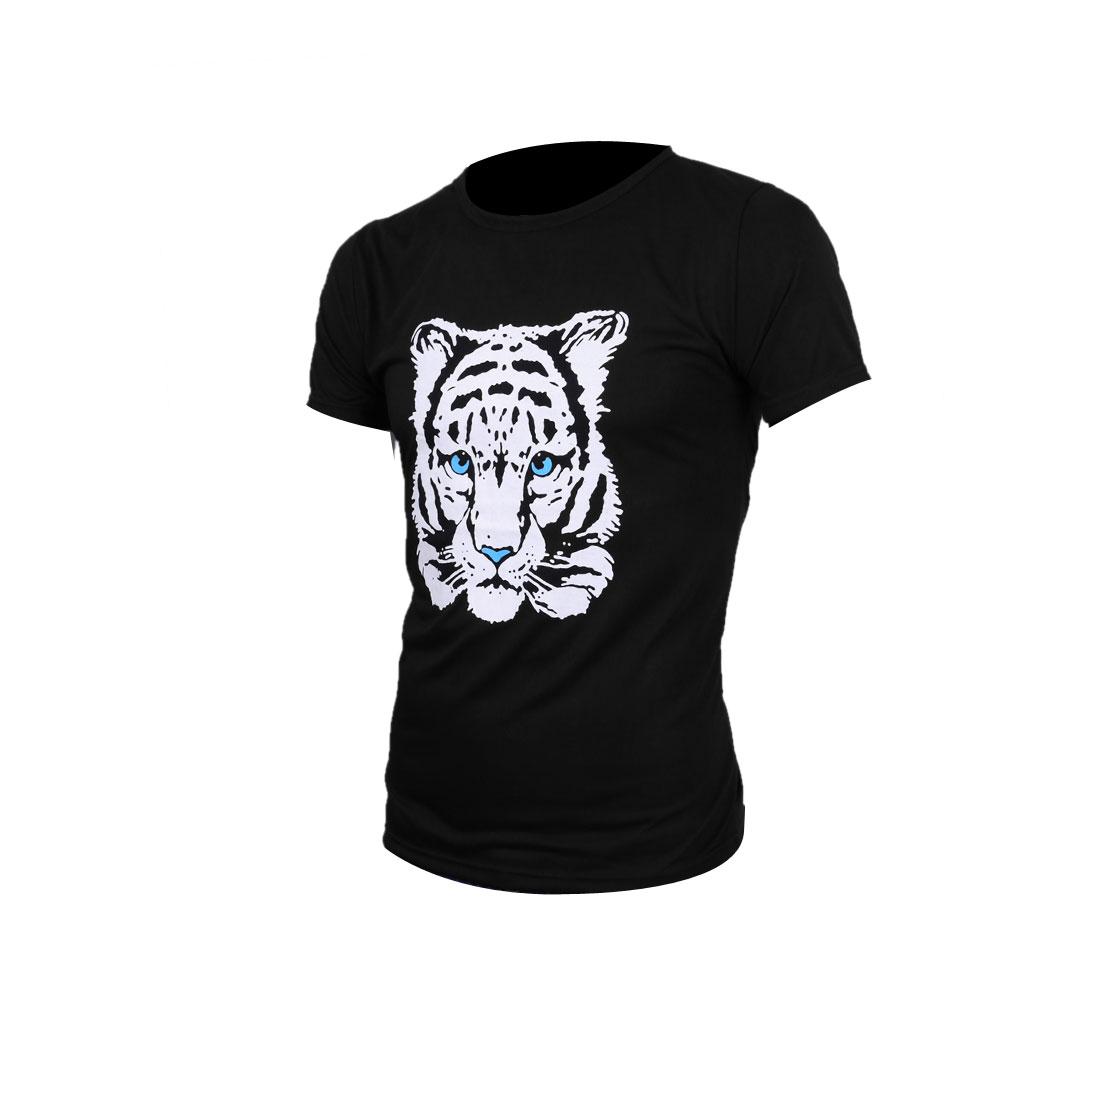 Men Short Sleeve Design White Tiger Black Tee Shirt S